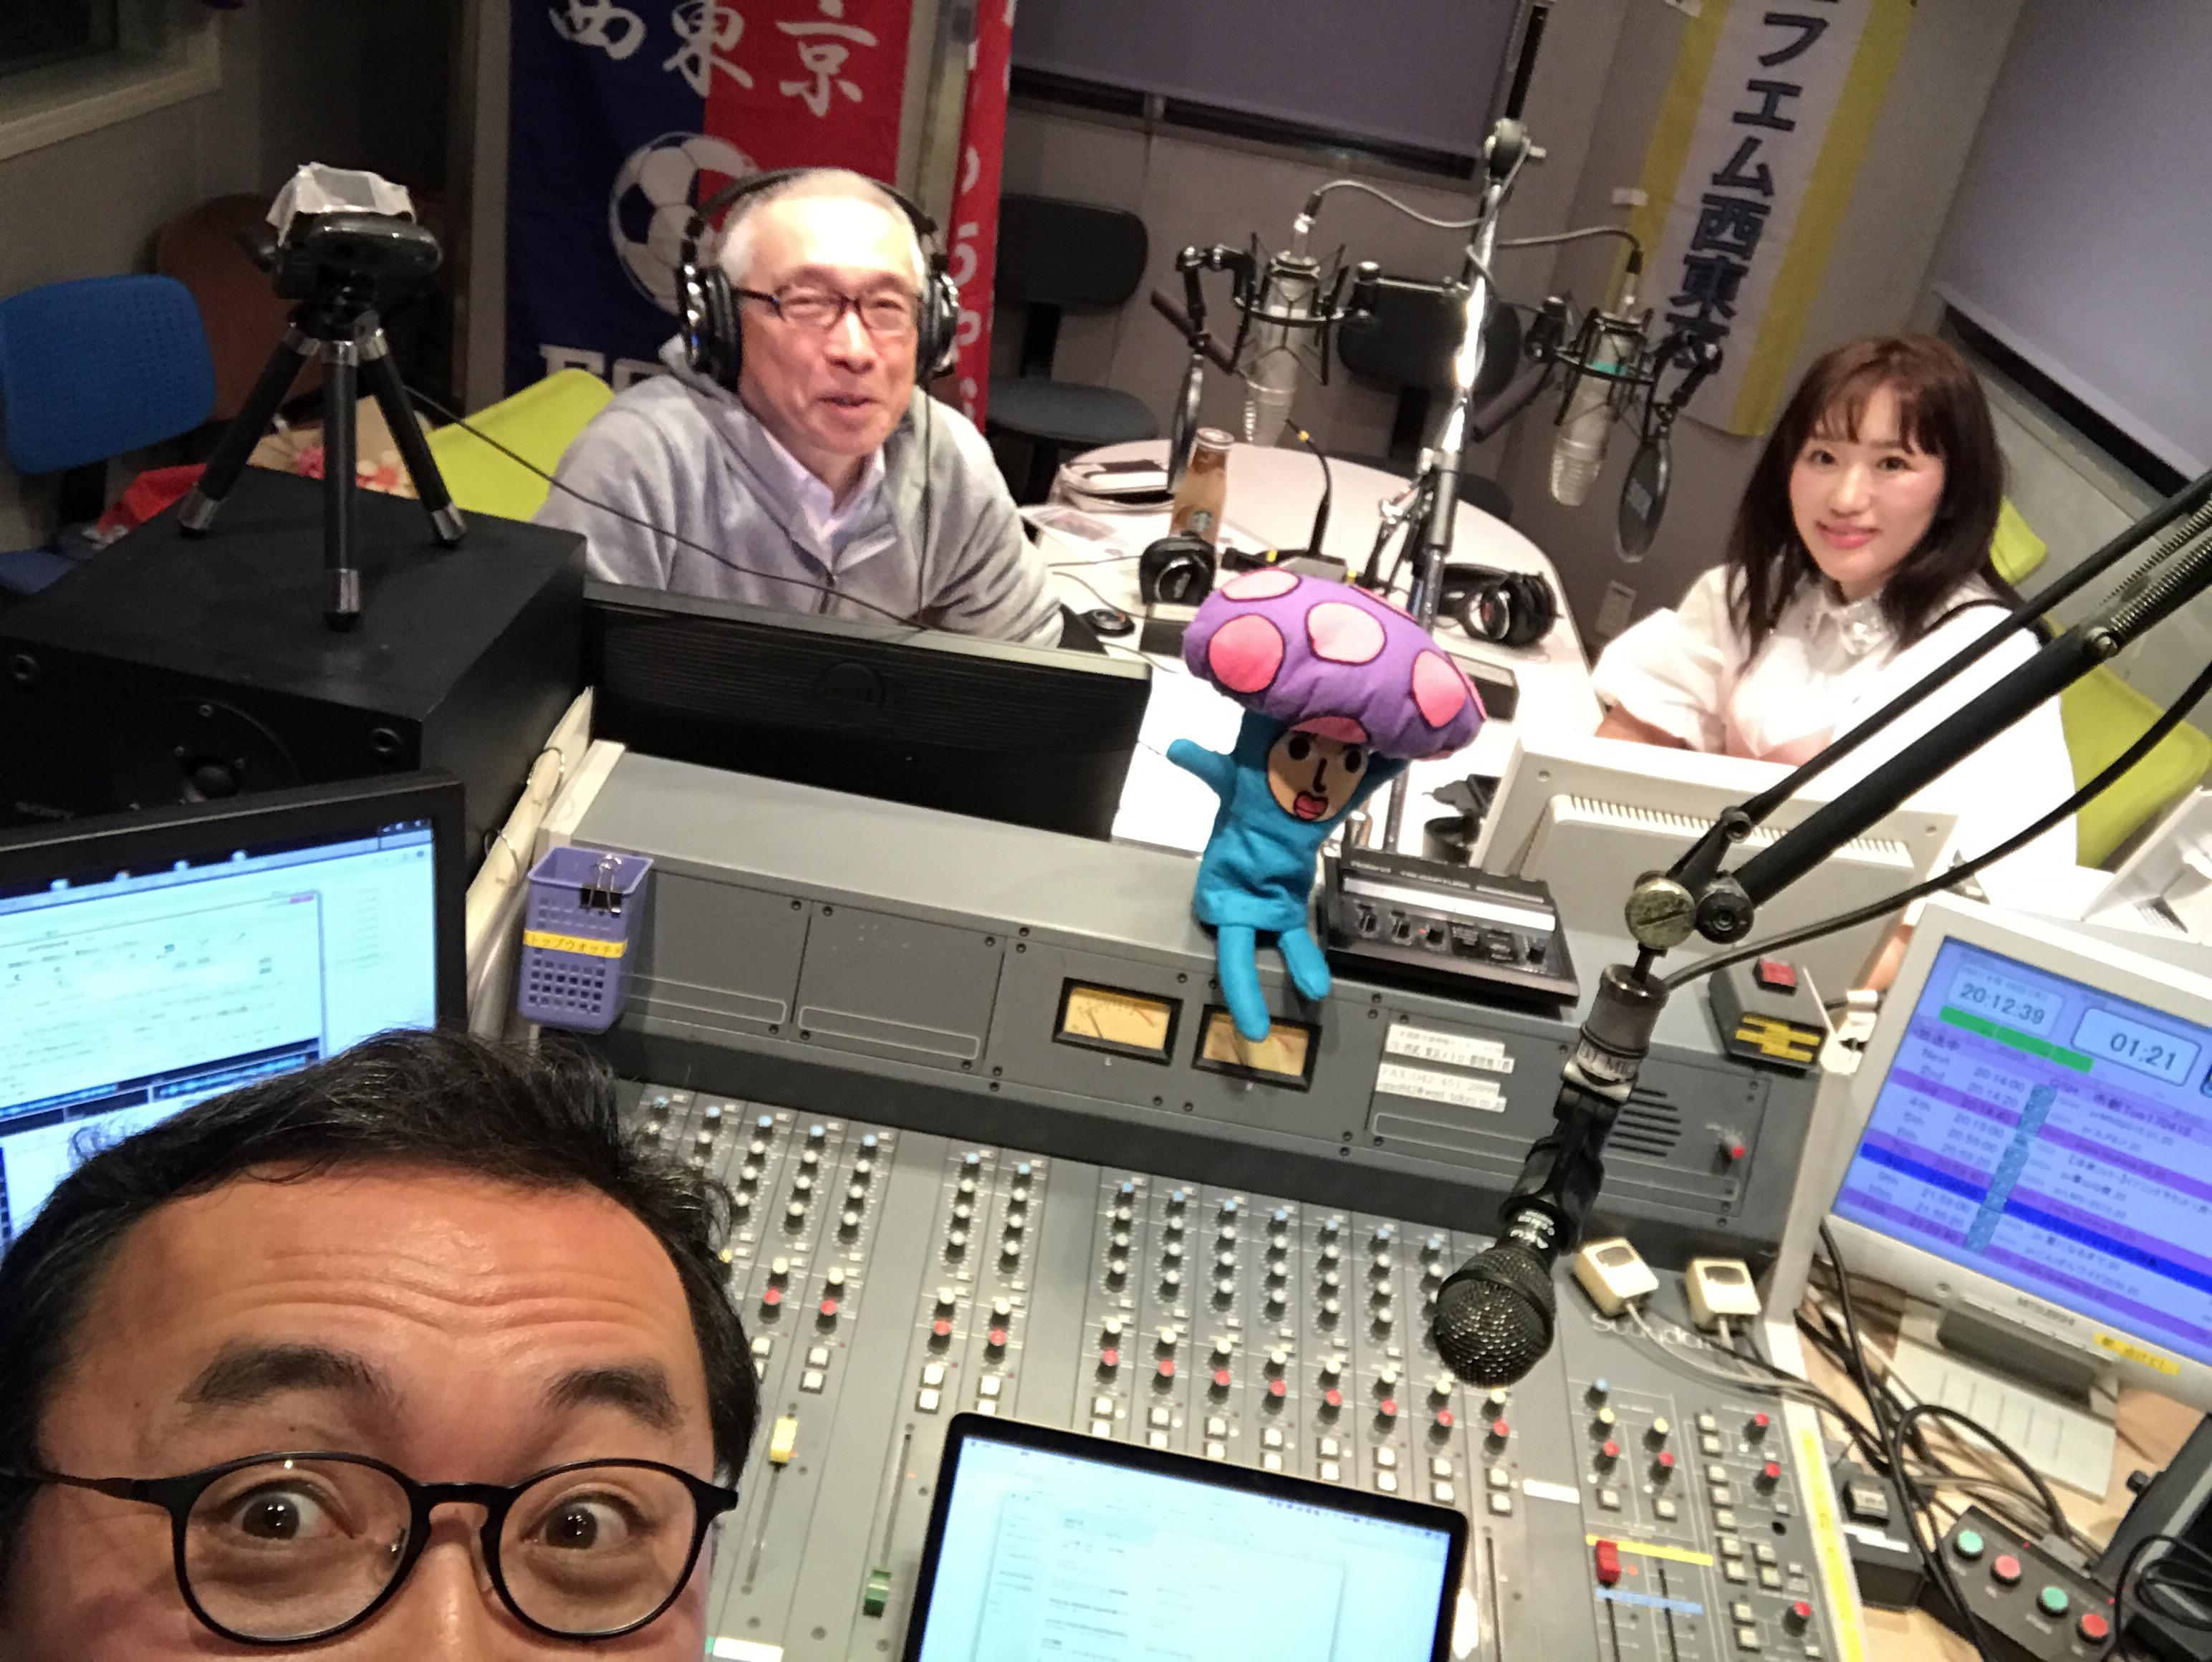 ラジバタ2VR 4月27日24時放送